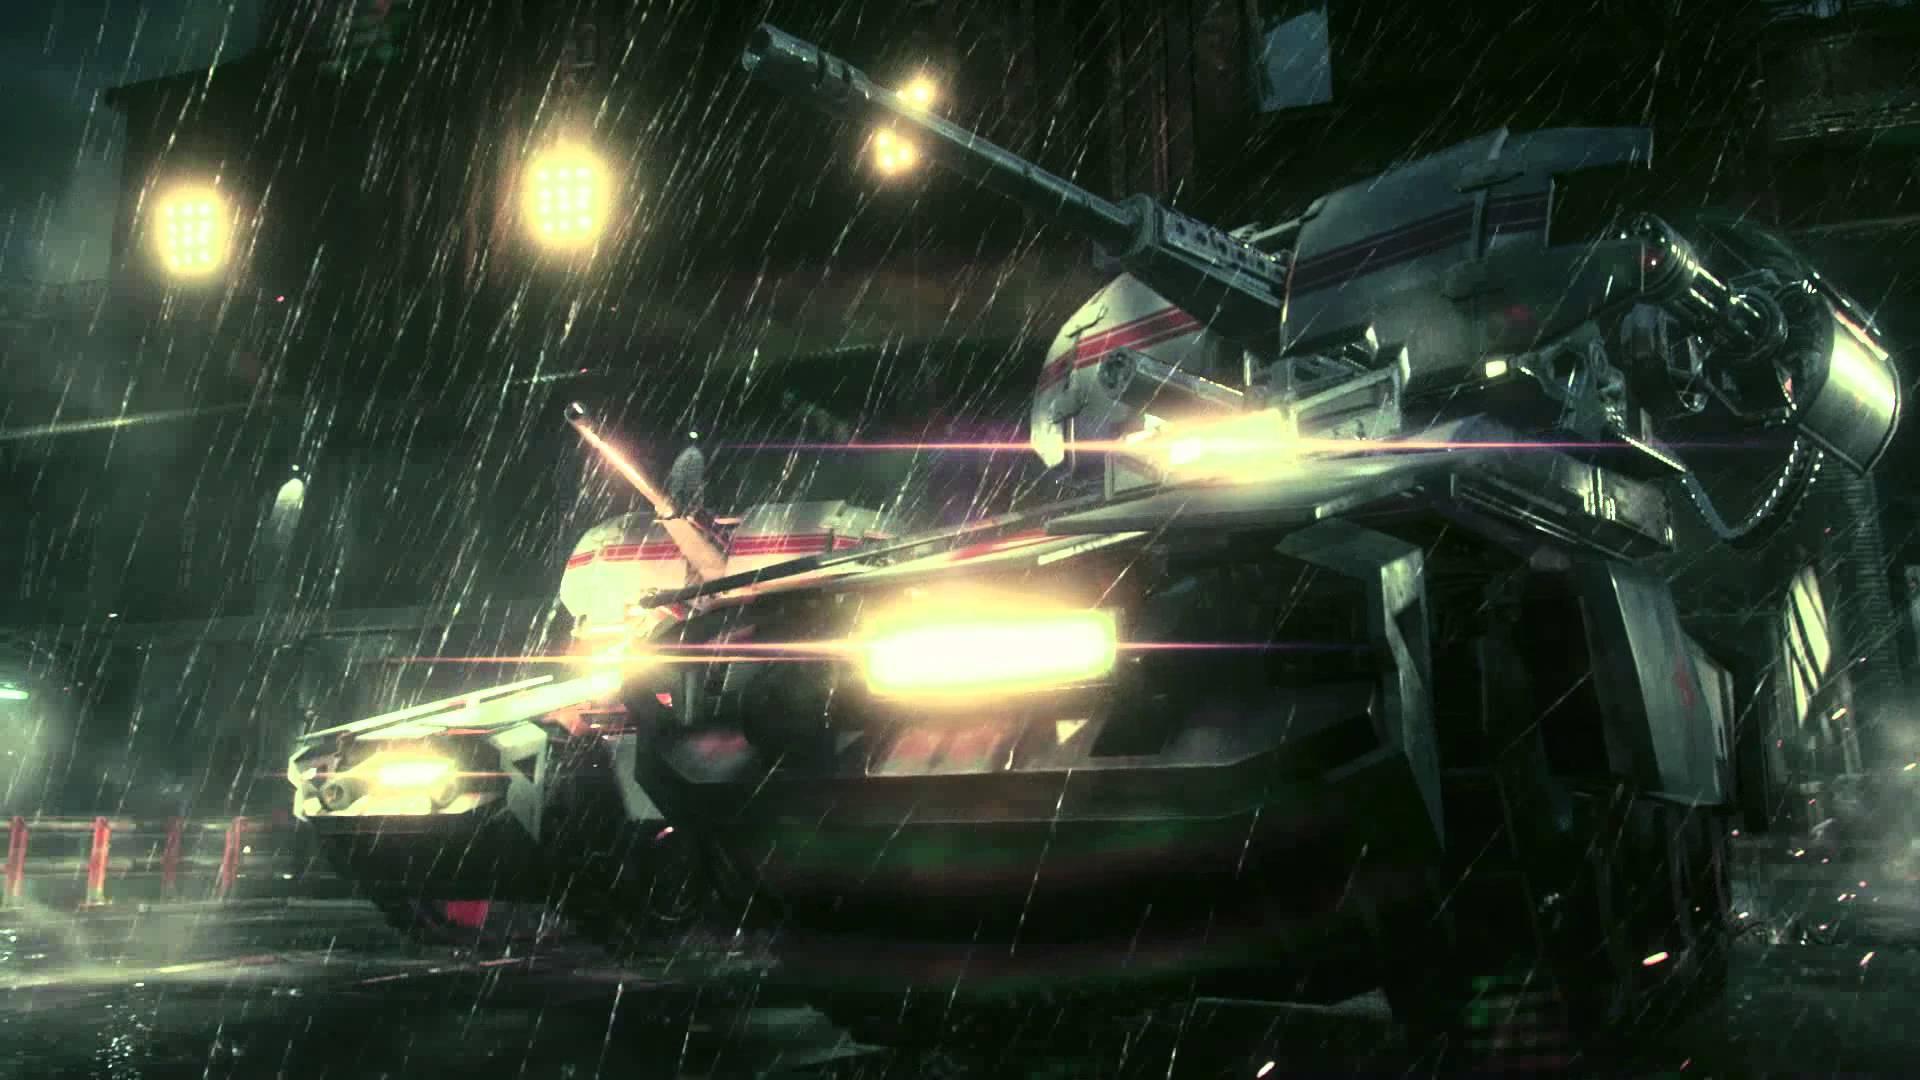 『バットマン:アーカム・ナイト』バットモービルの勇姿を堪能できる最新トレーラー公開!